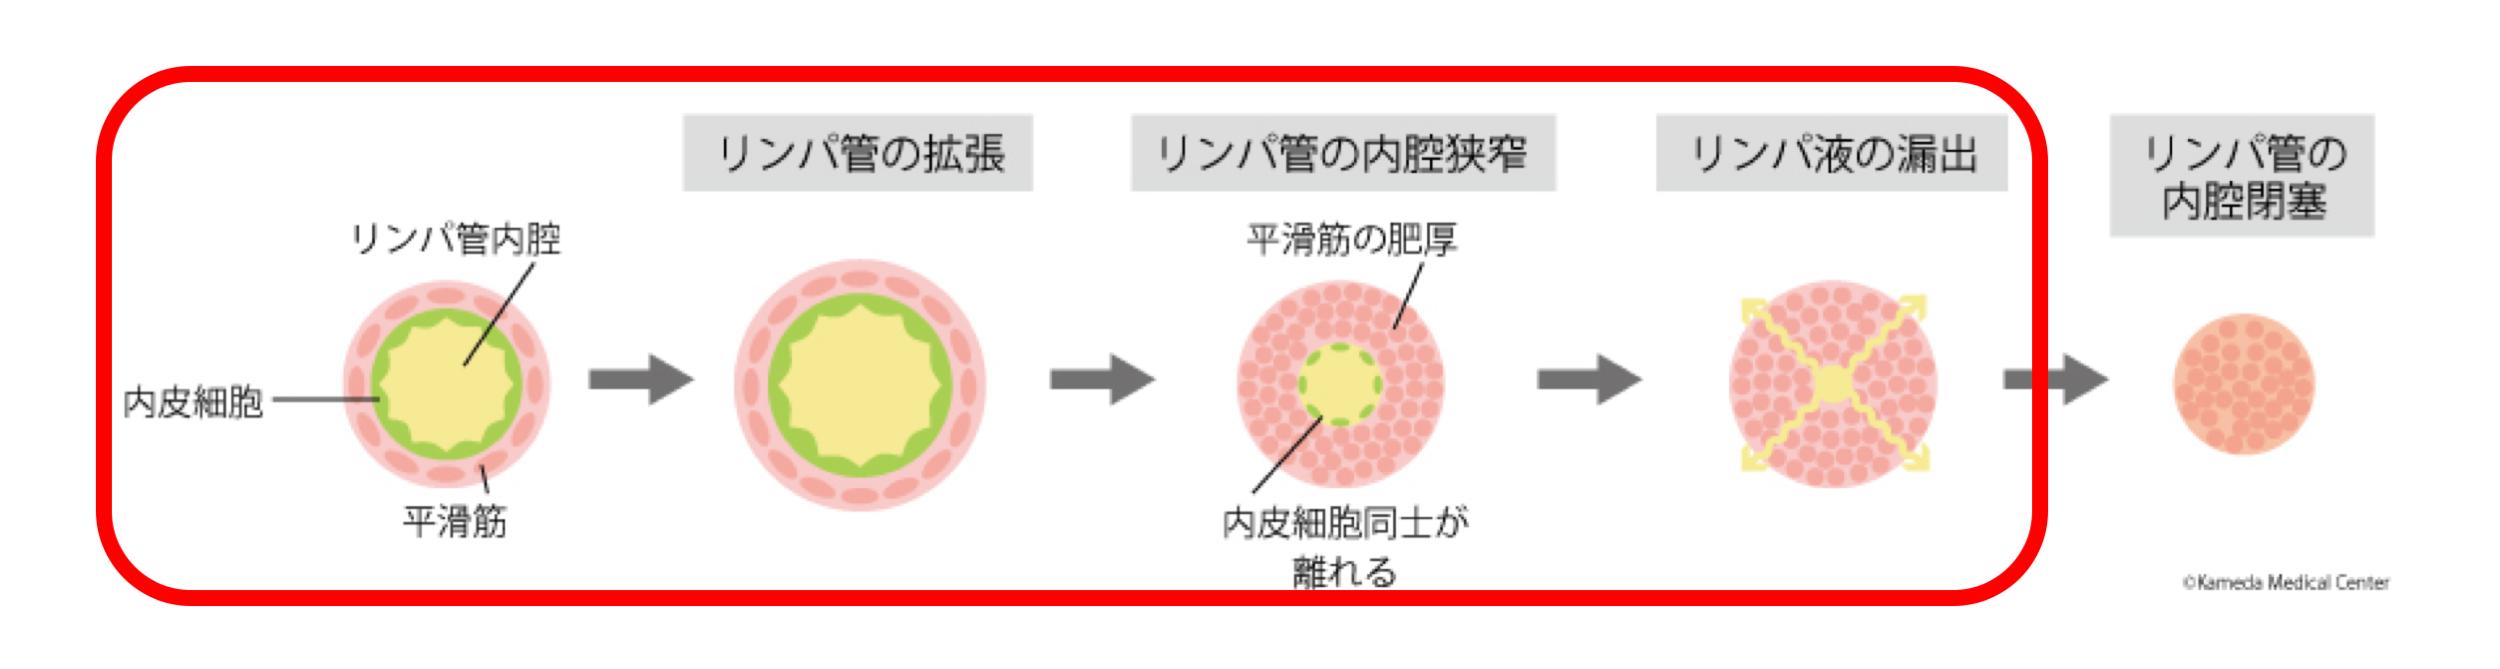 最新の画像診断:リンパ管の変性